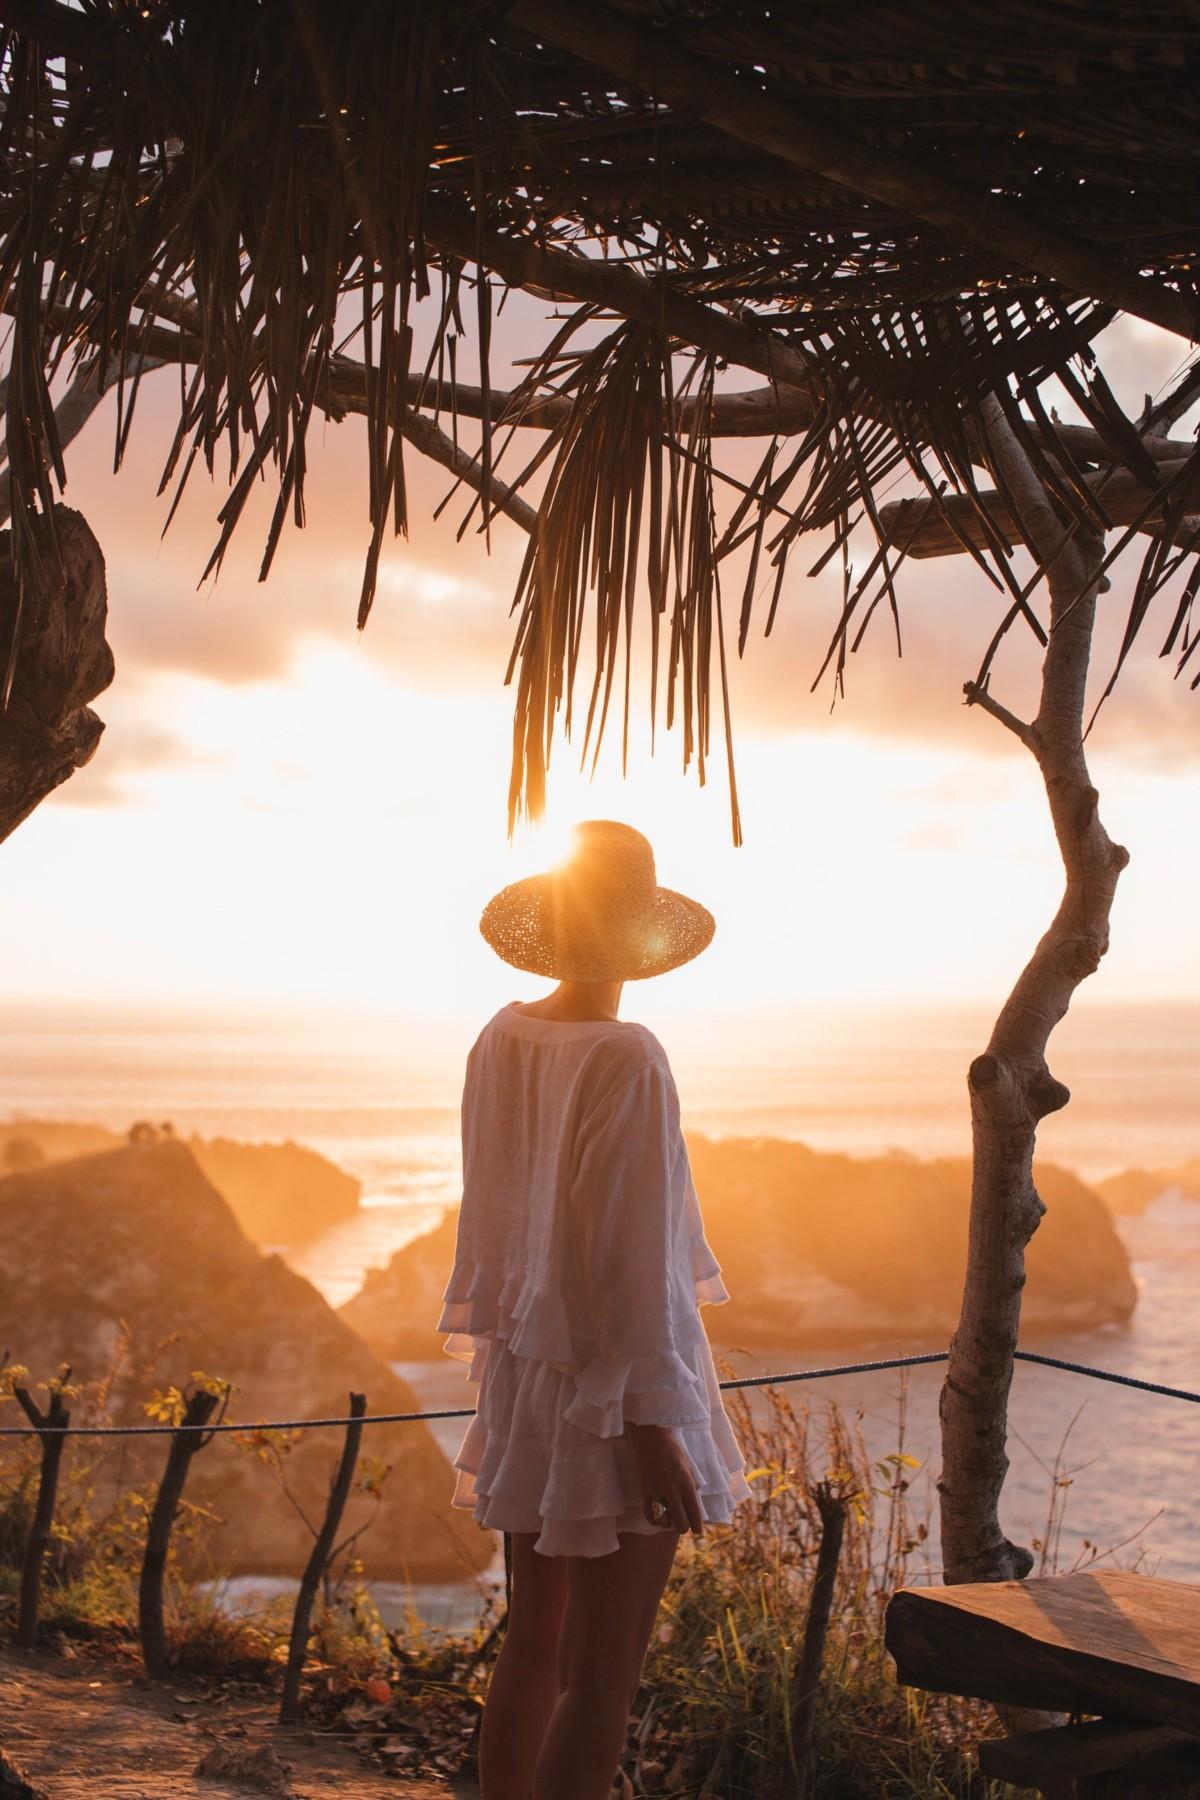 朝焼けの景色を見る人